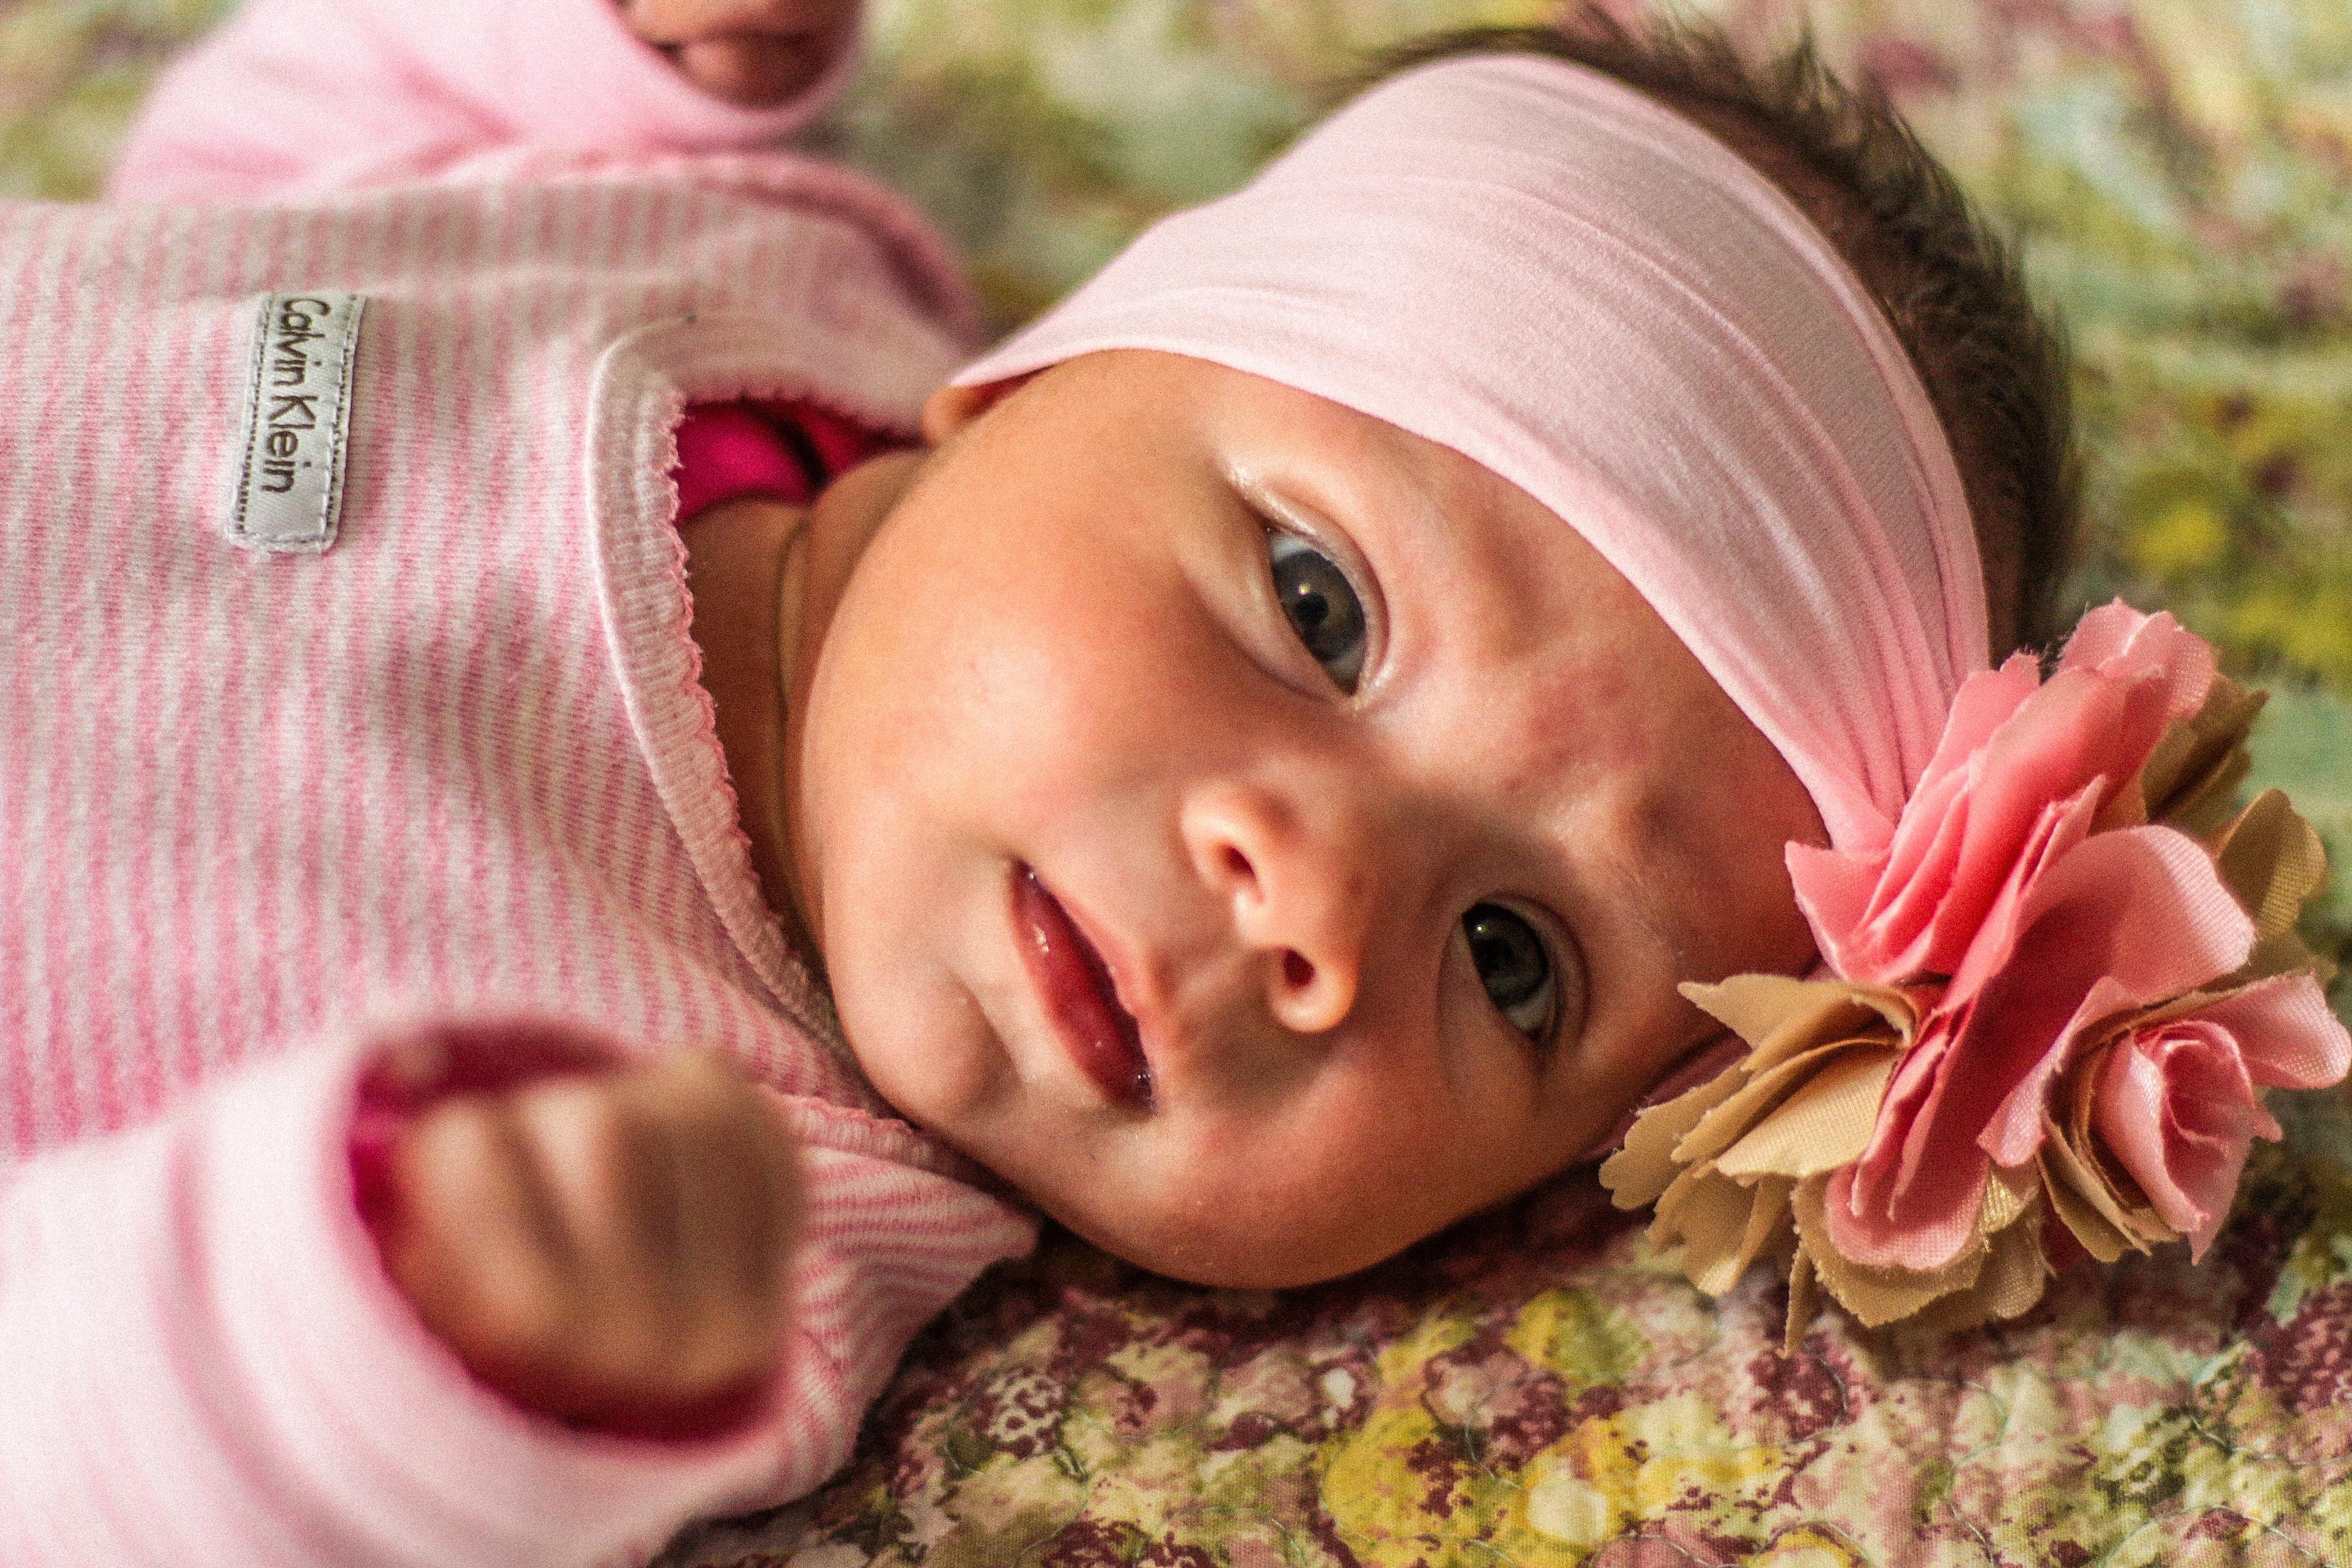 la personne fille la photographie jouer portrait enfant rose Expression  faciale bébé bambin œil peau émotion fe6029b20f4